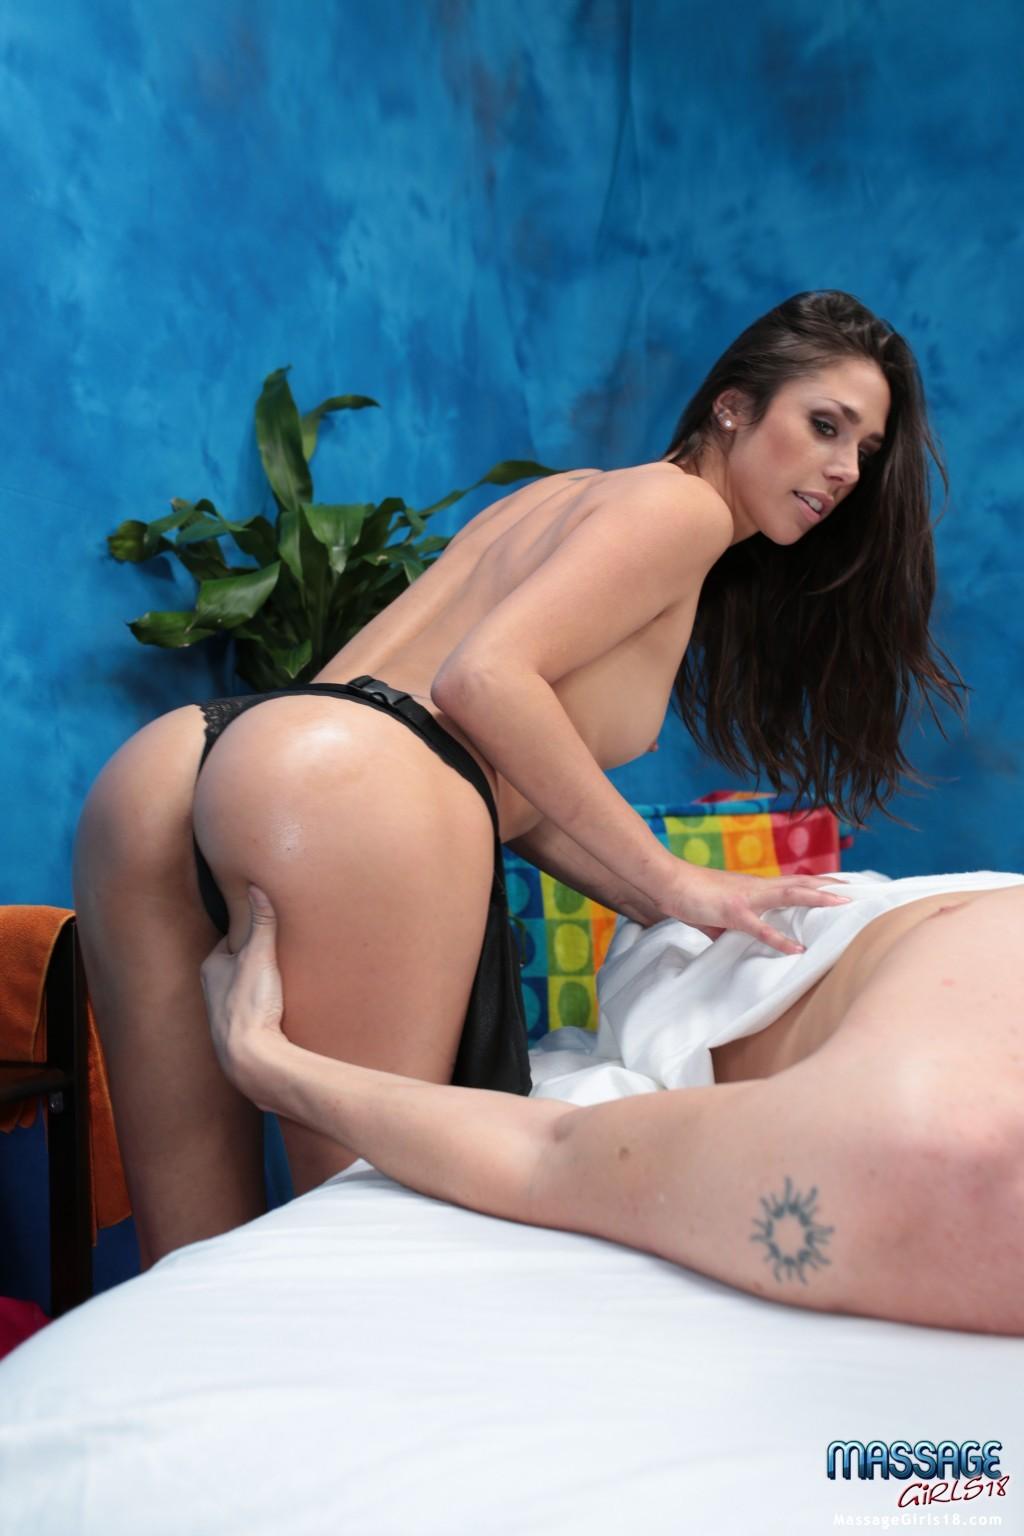 Парень пришел на массаж и насладился трахом на массажном столе, Анна трахает клиента